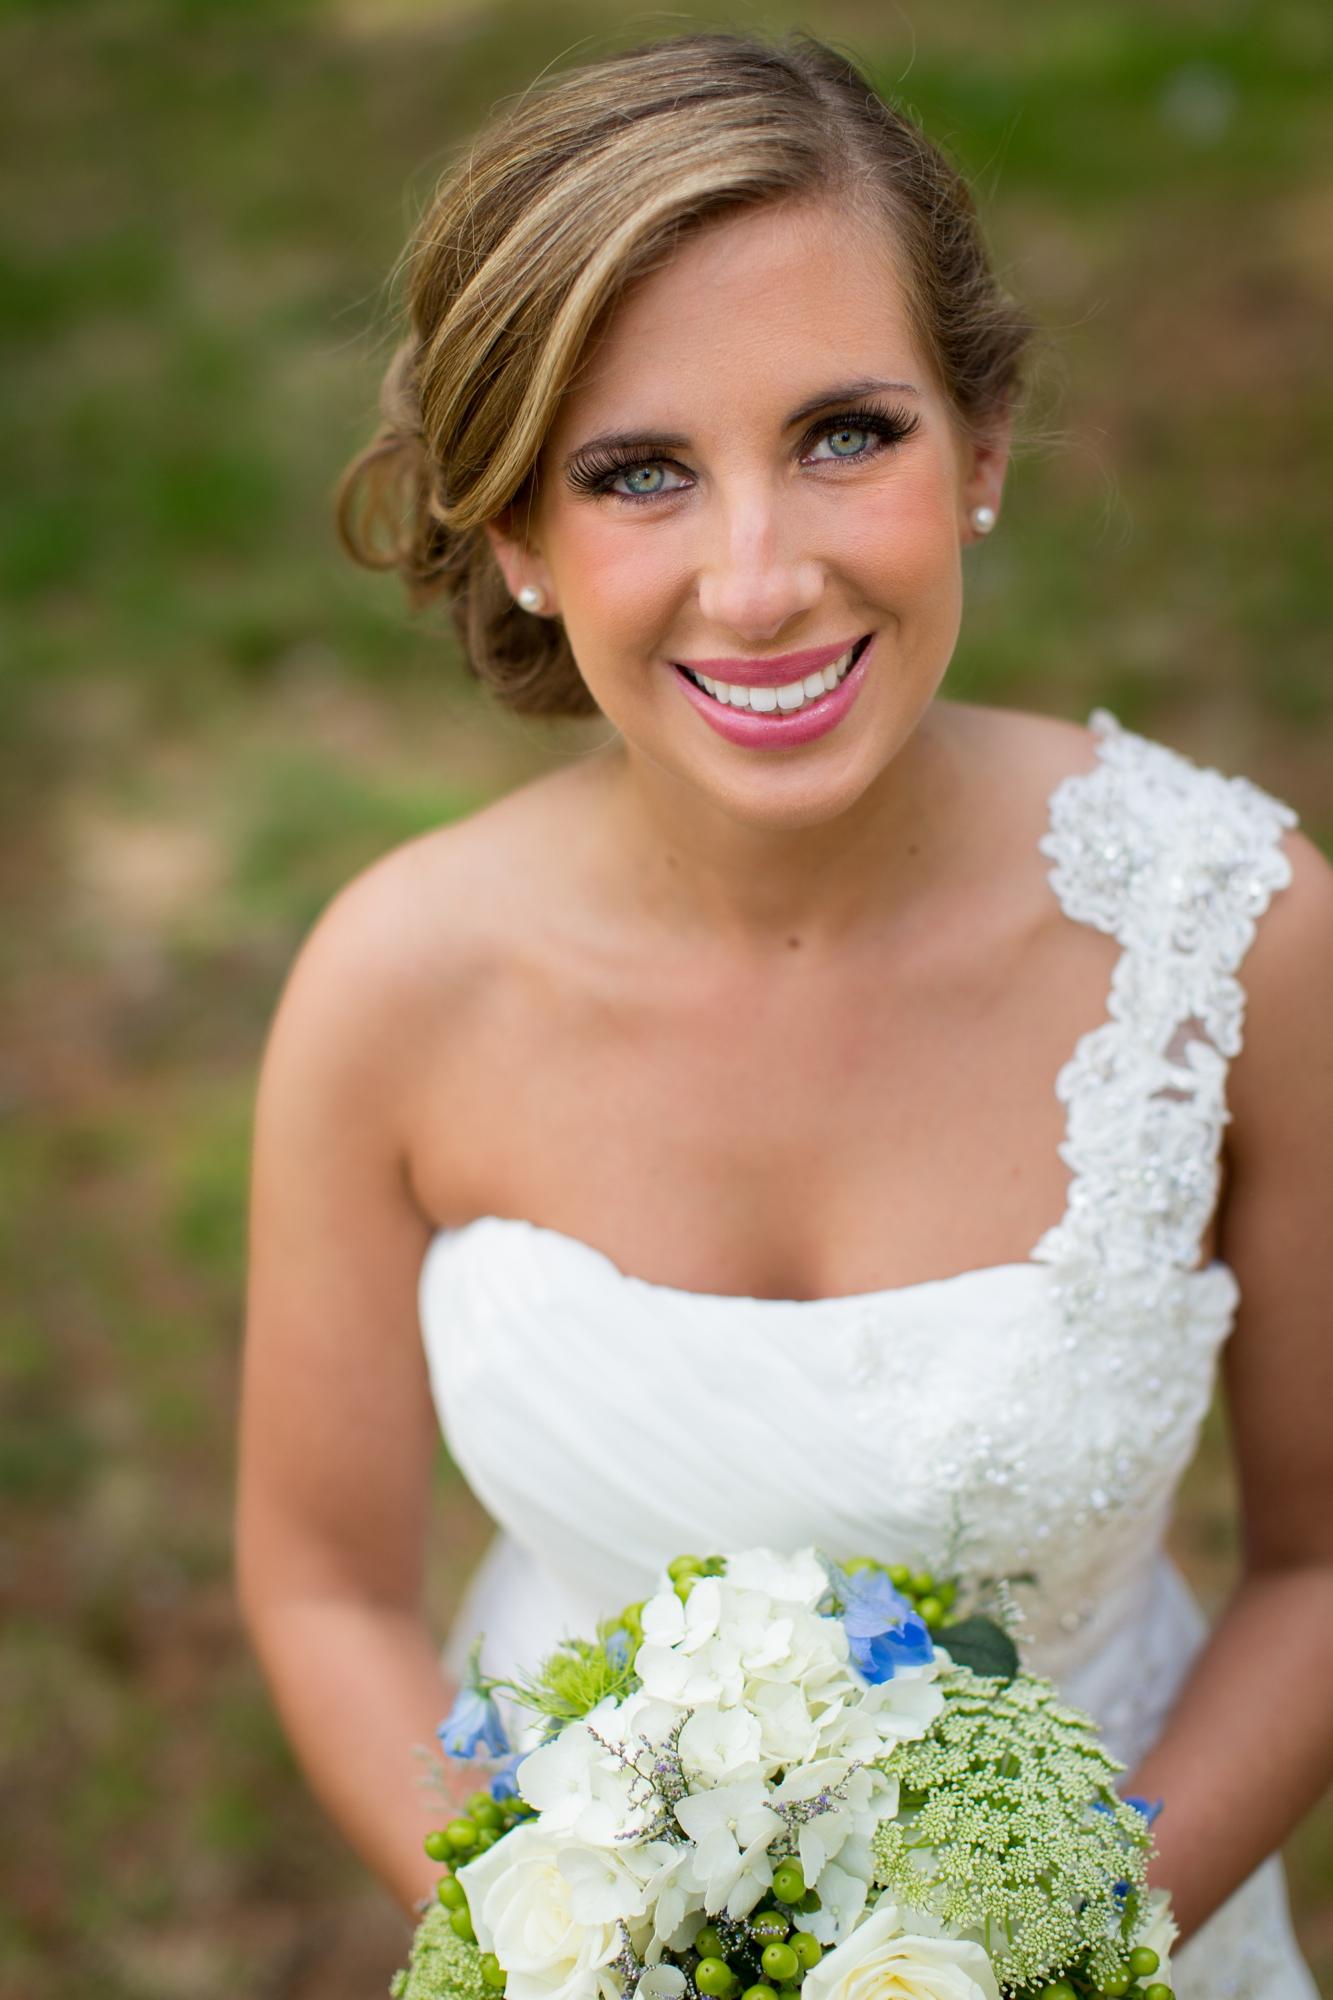 Albany NY Wedding Photographer Justin Tibbitts Photography 2014 Best of Albany NY Weddings-4622422